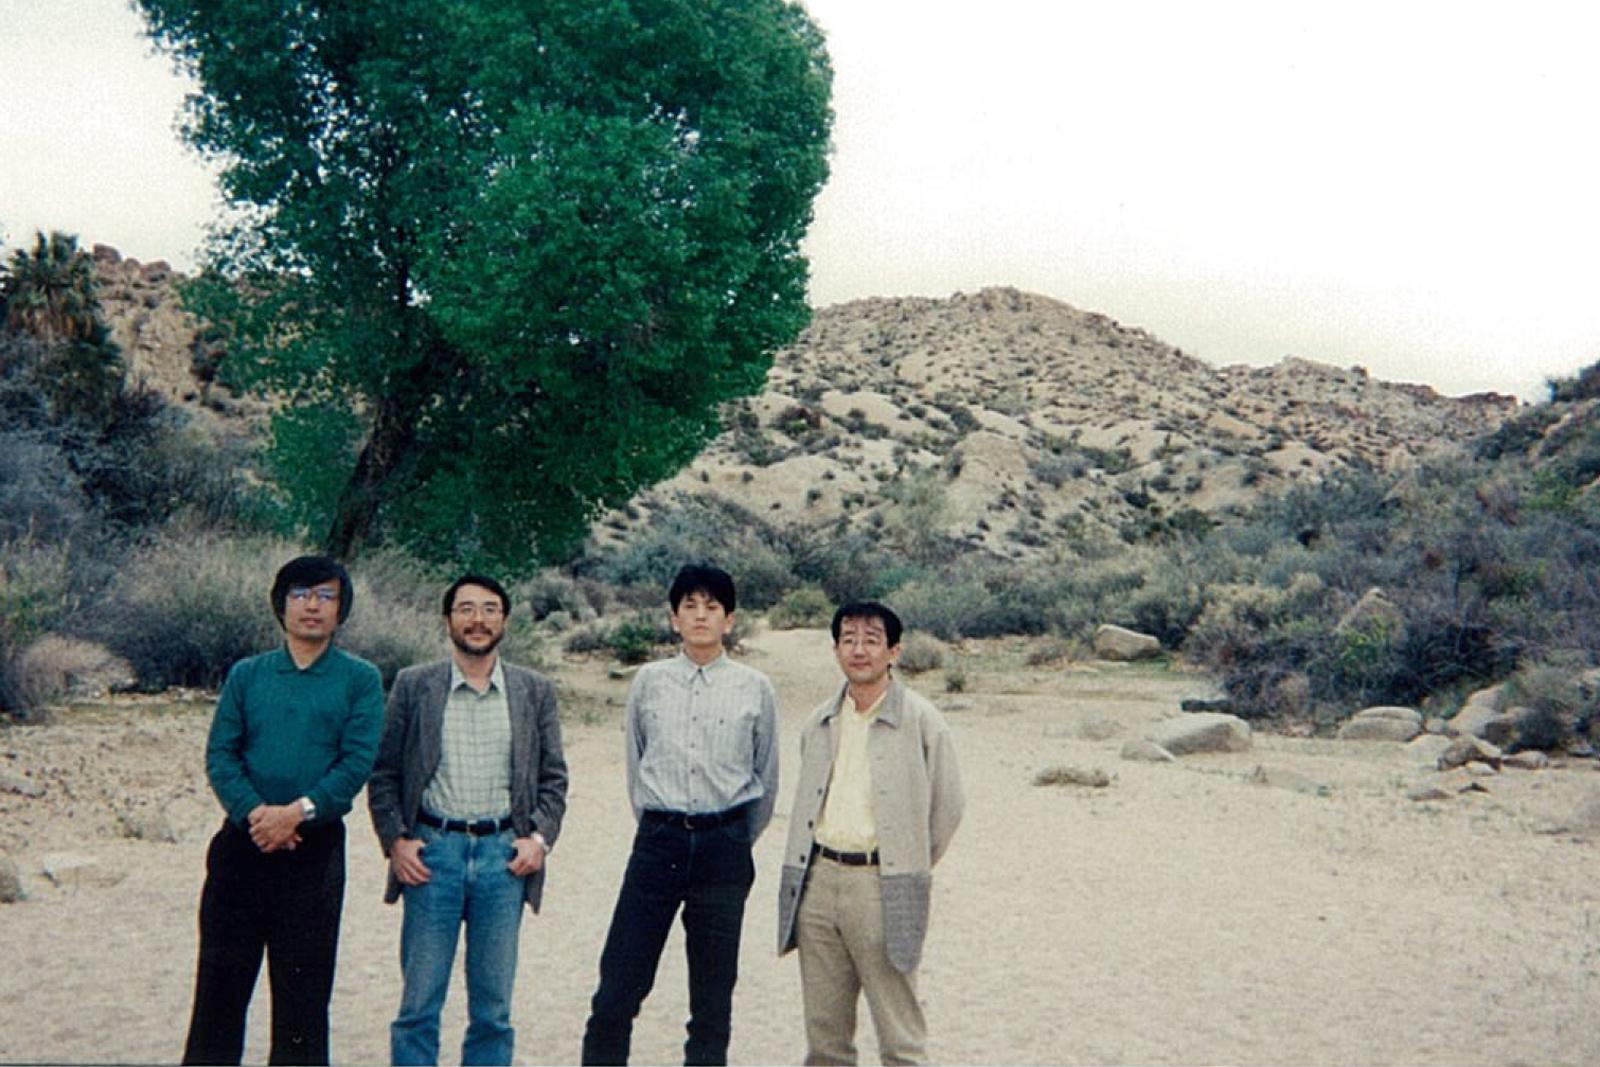 浅田秀樹教授の思い出の写真2